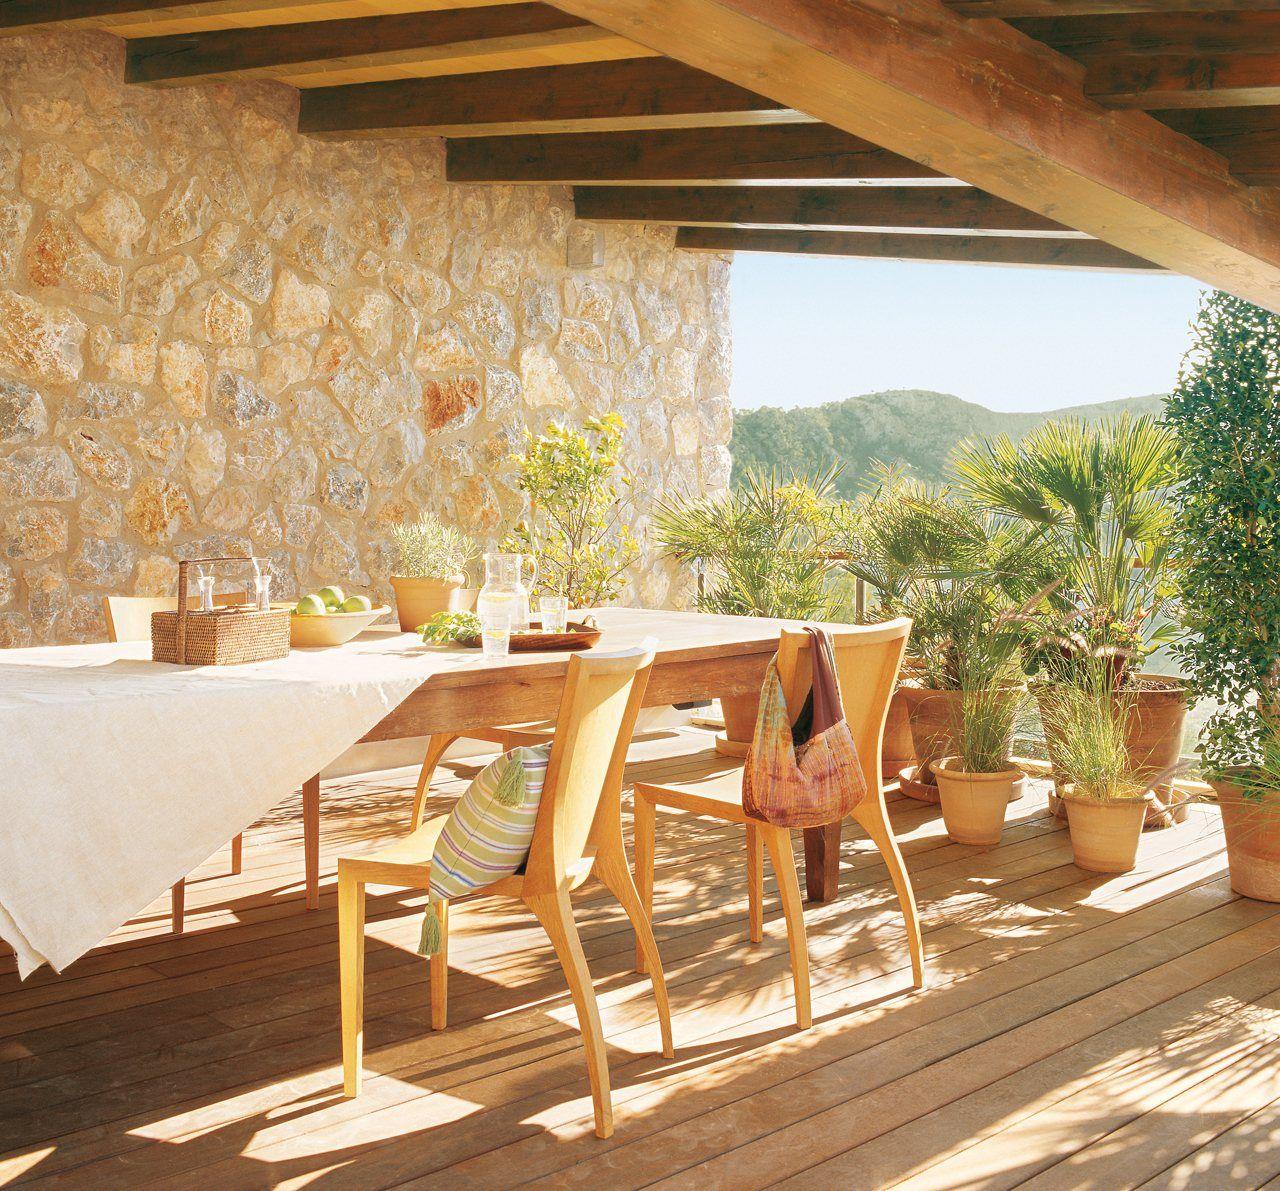 Larga vida a los muebles de jardín! | Muebles de jardin, Aceite de ...